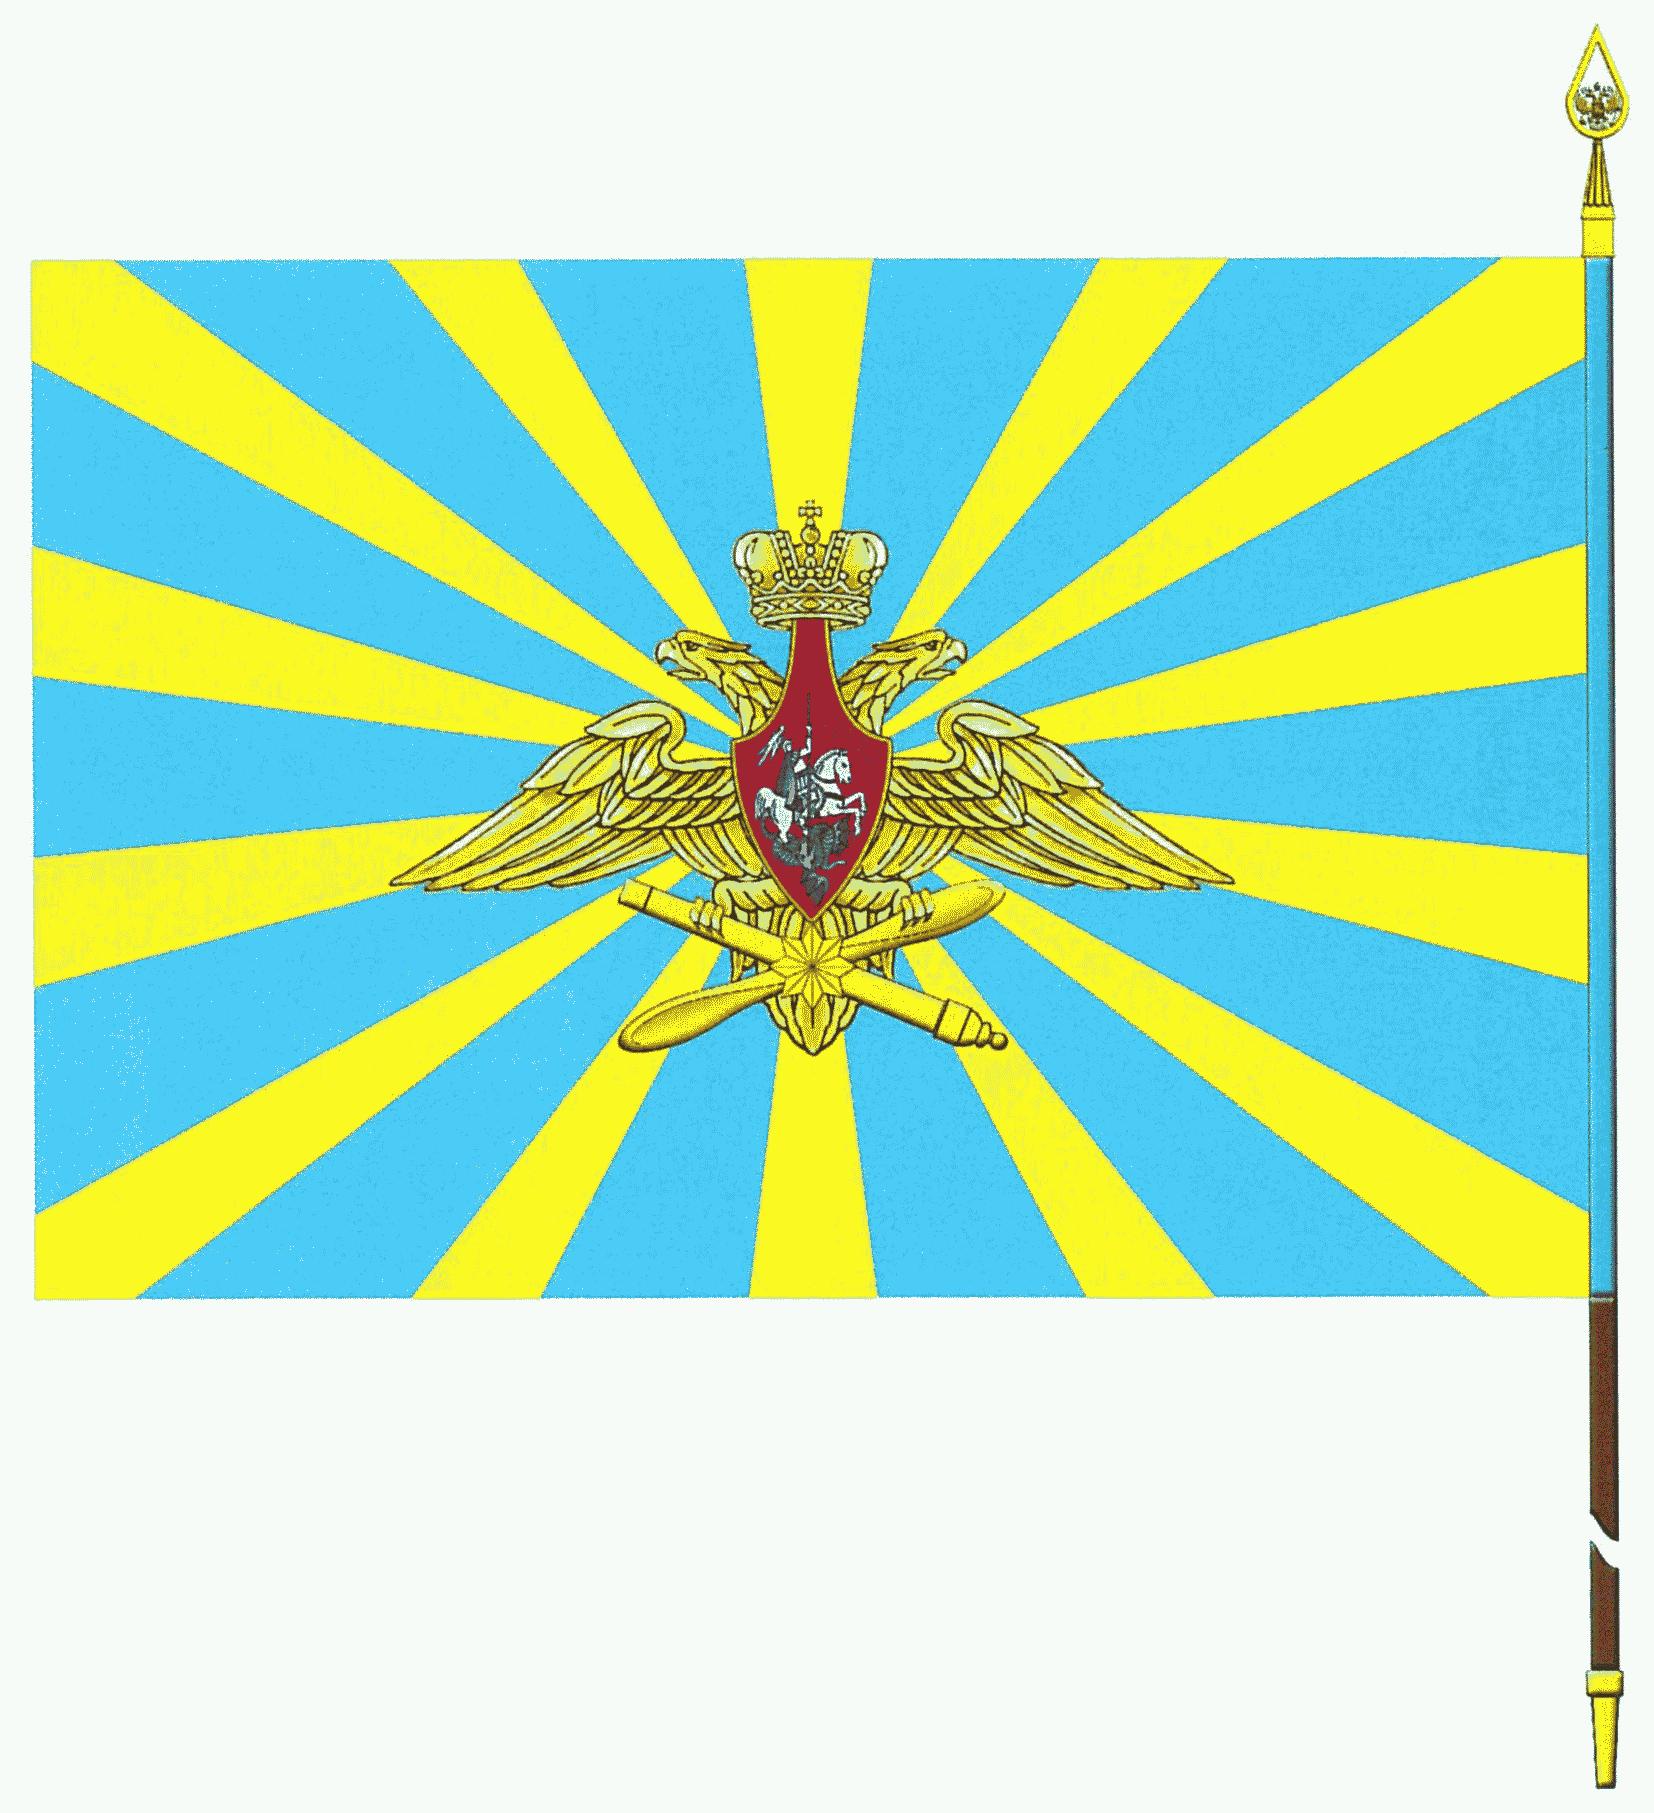 флаг воздушно-космических сил картинка программа обязательно должна